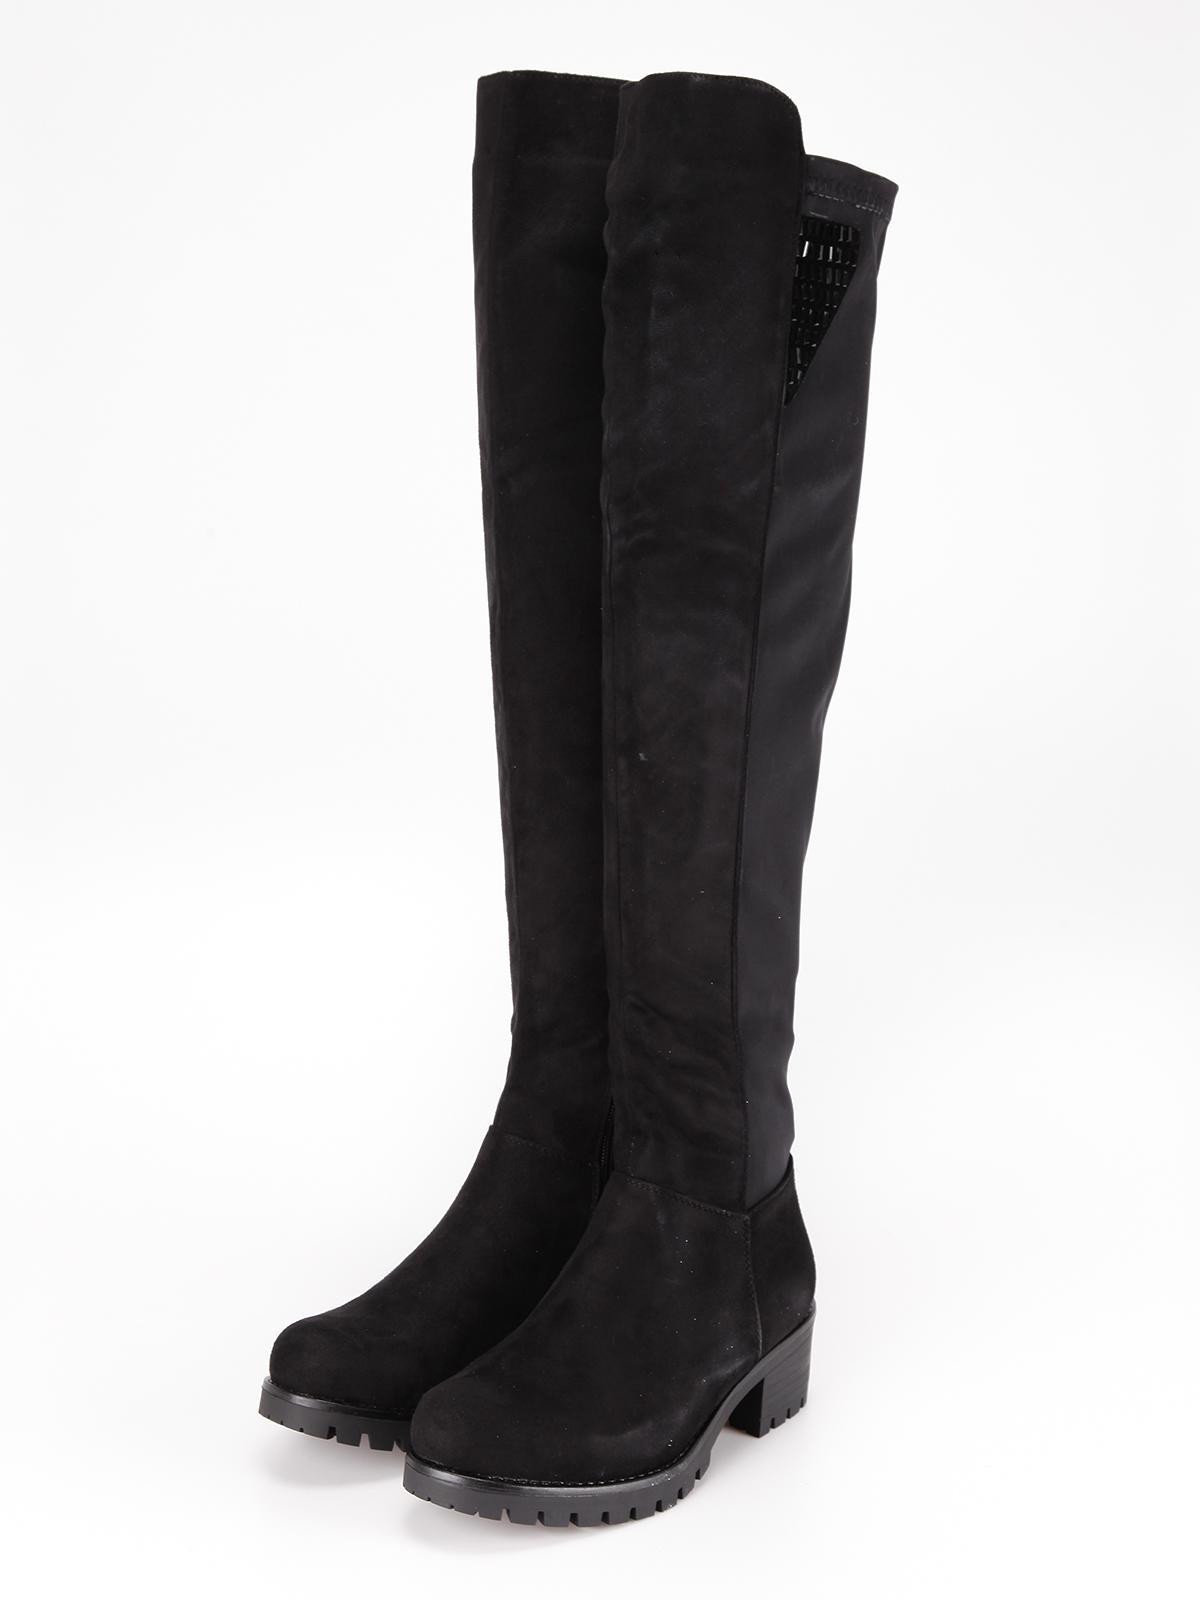 rivenditore di vendita adb95 4c2a4 Stivali alti con borchie janessa | MecShopping